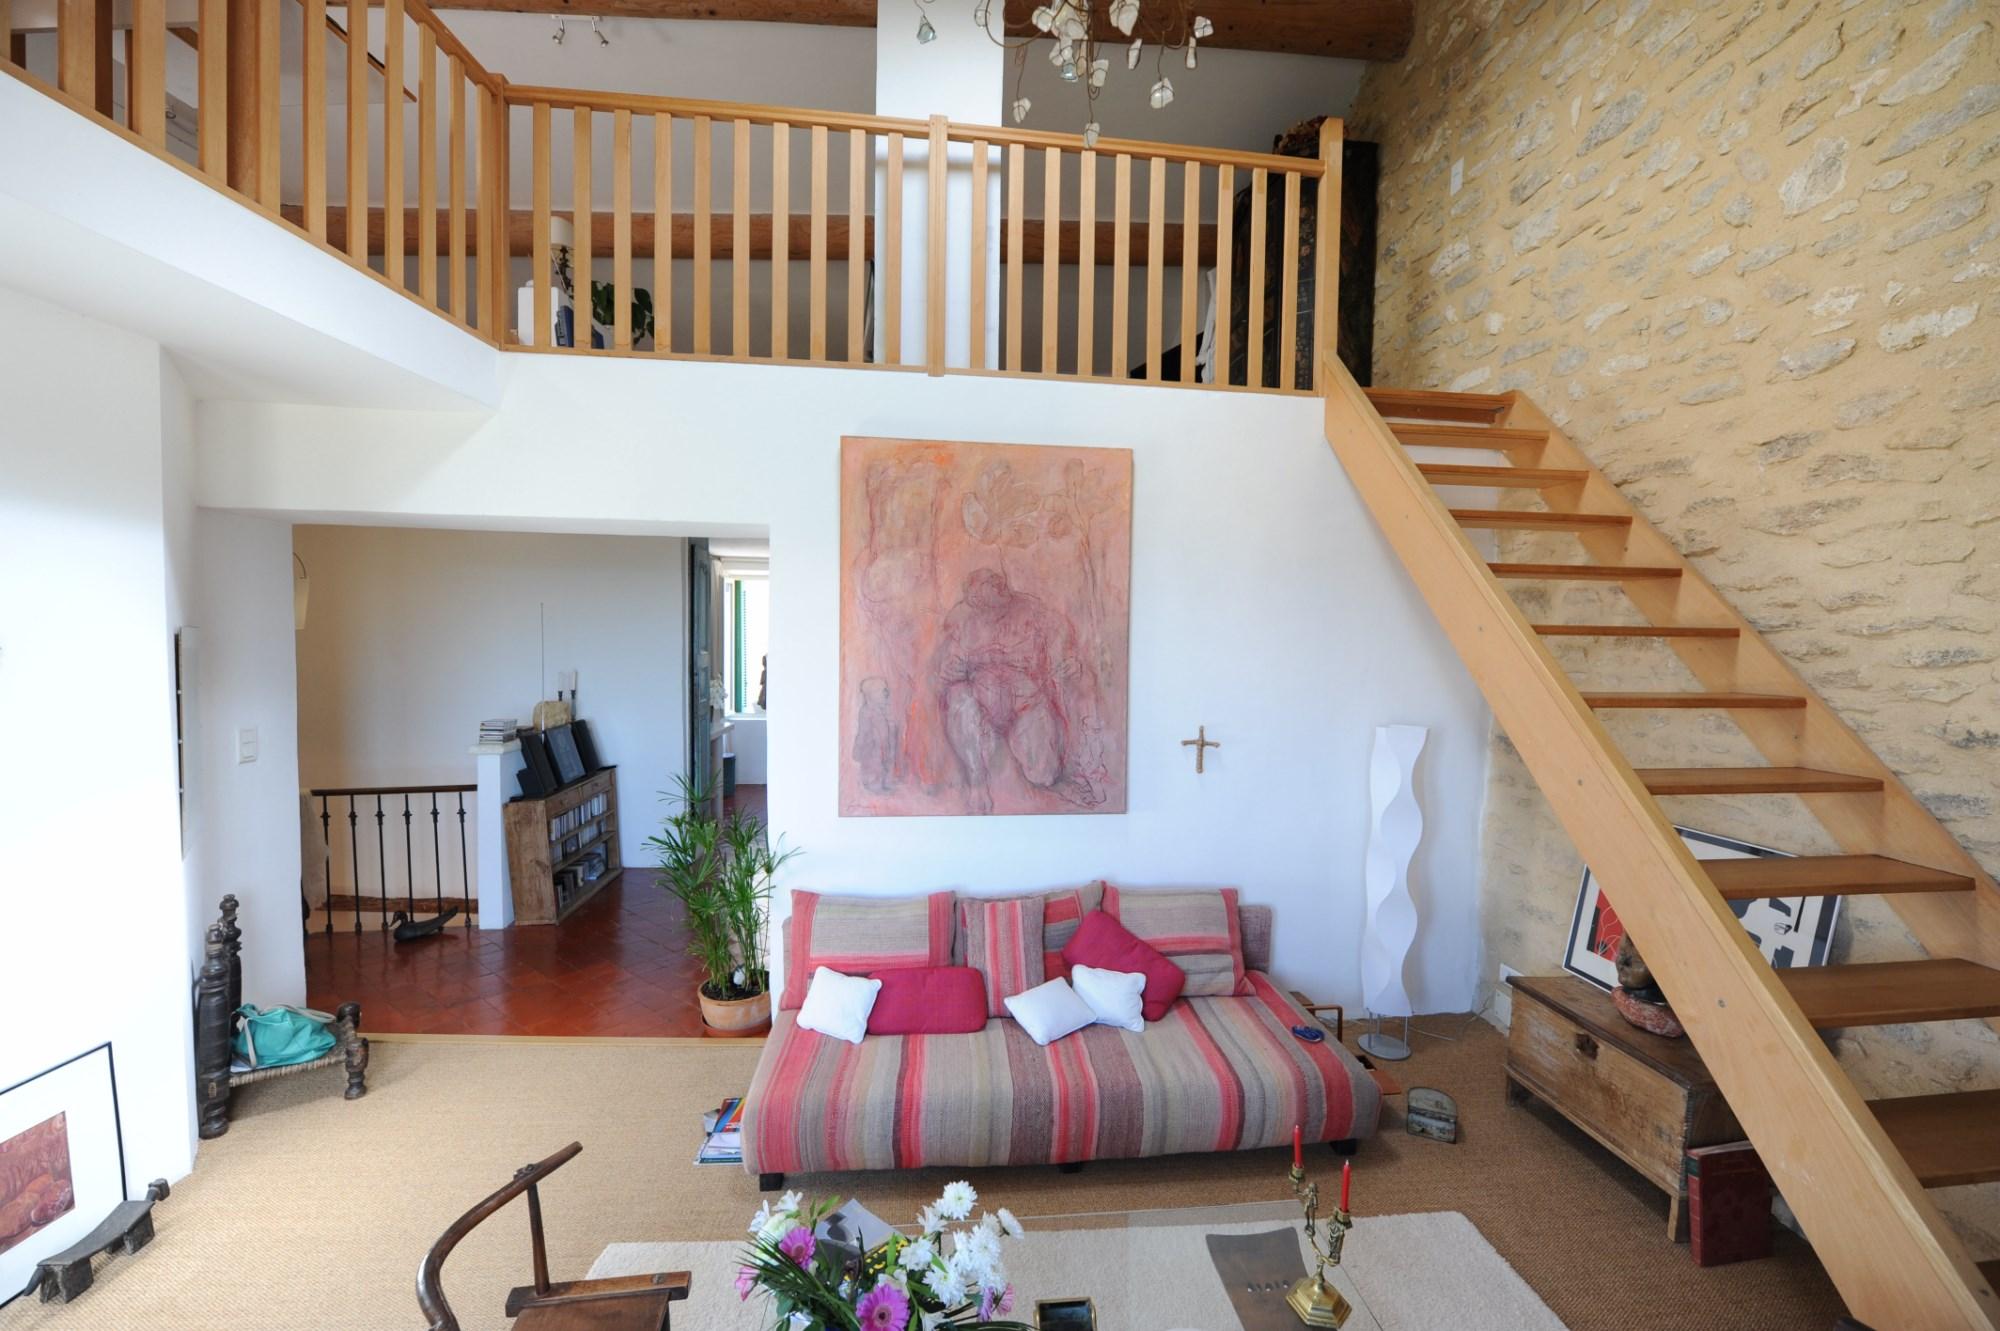 Maison bourgeoise à vendre en Provence